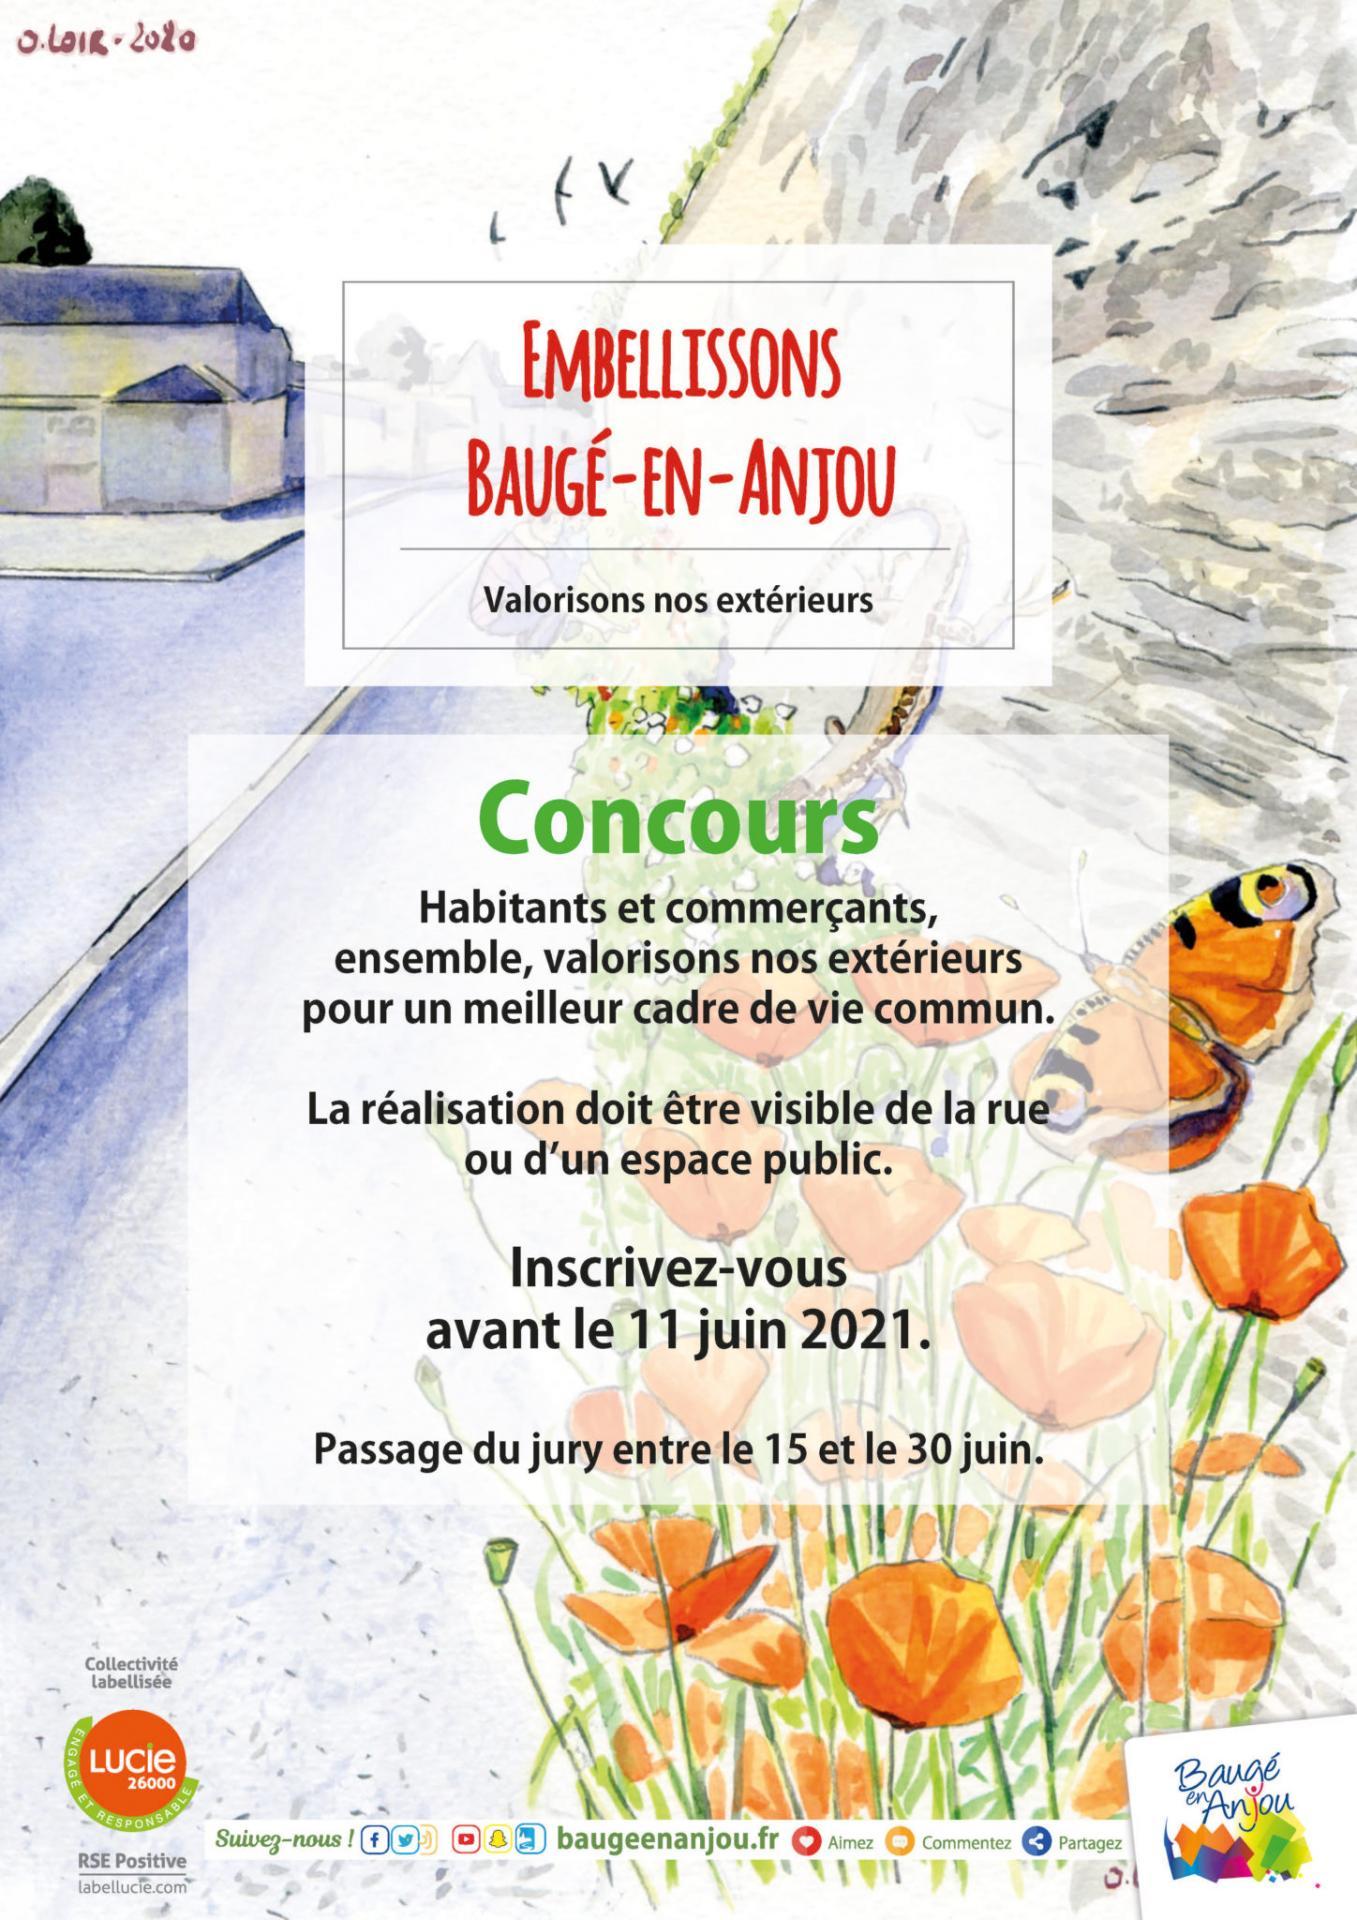 L'ACTU : BAUGÉ-EN-ANJOU : LA COMMUNE INVITE HABITANTS ET COMMERÇANTS À FLEURIR LES RUES